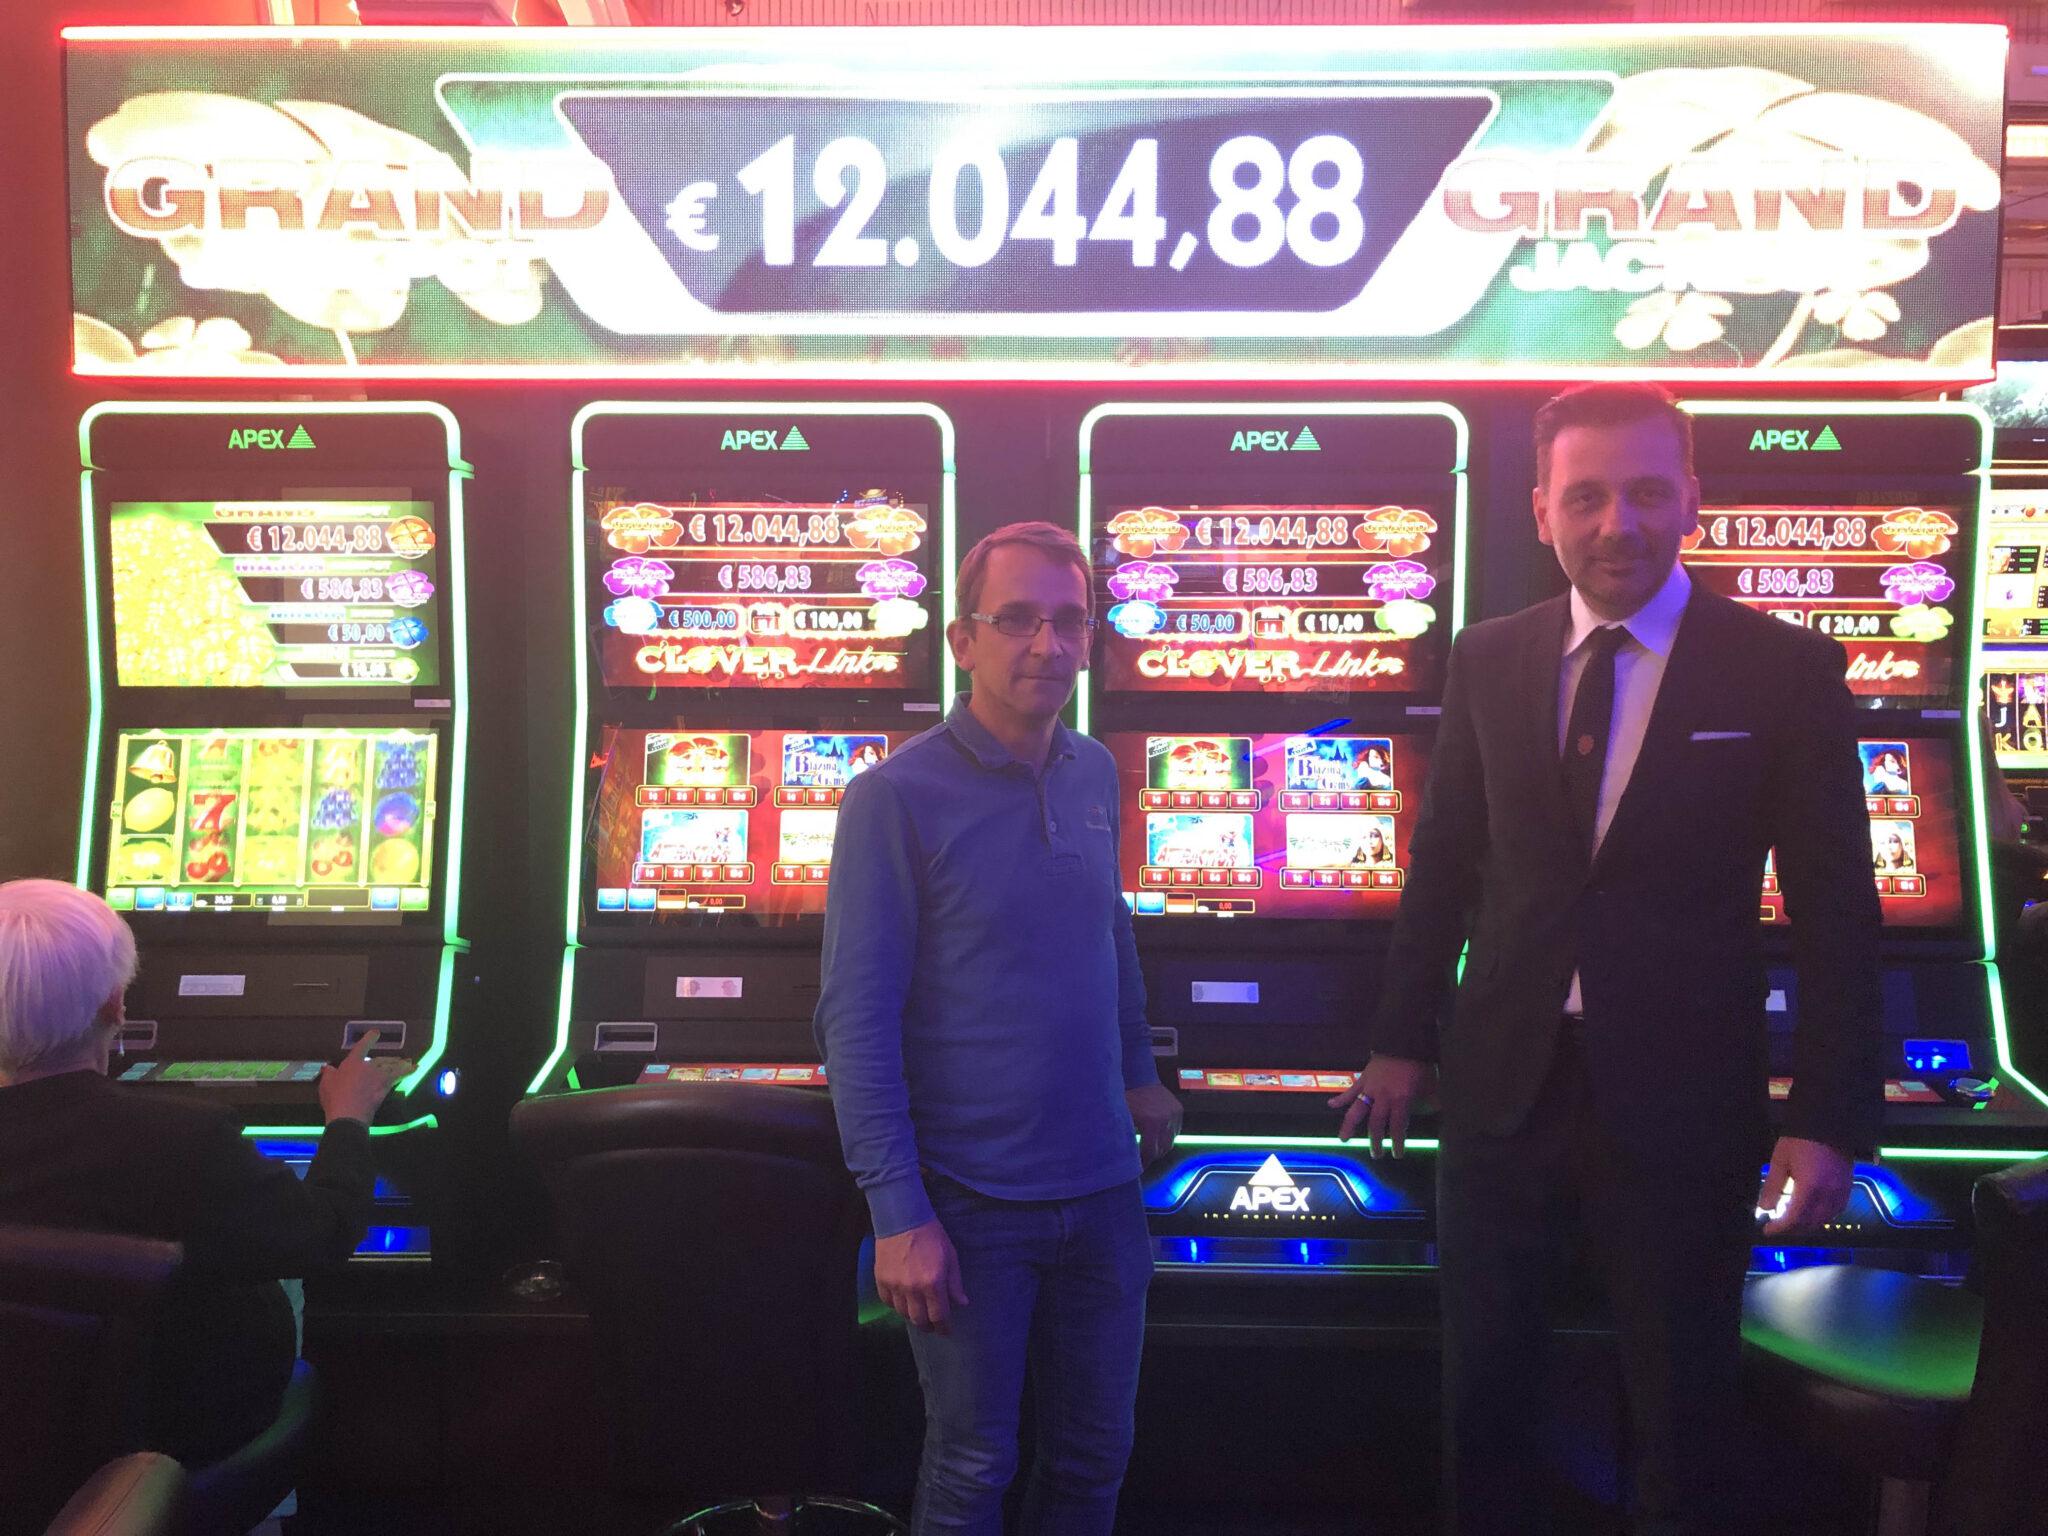 Is gambling bad